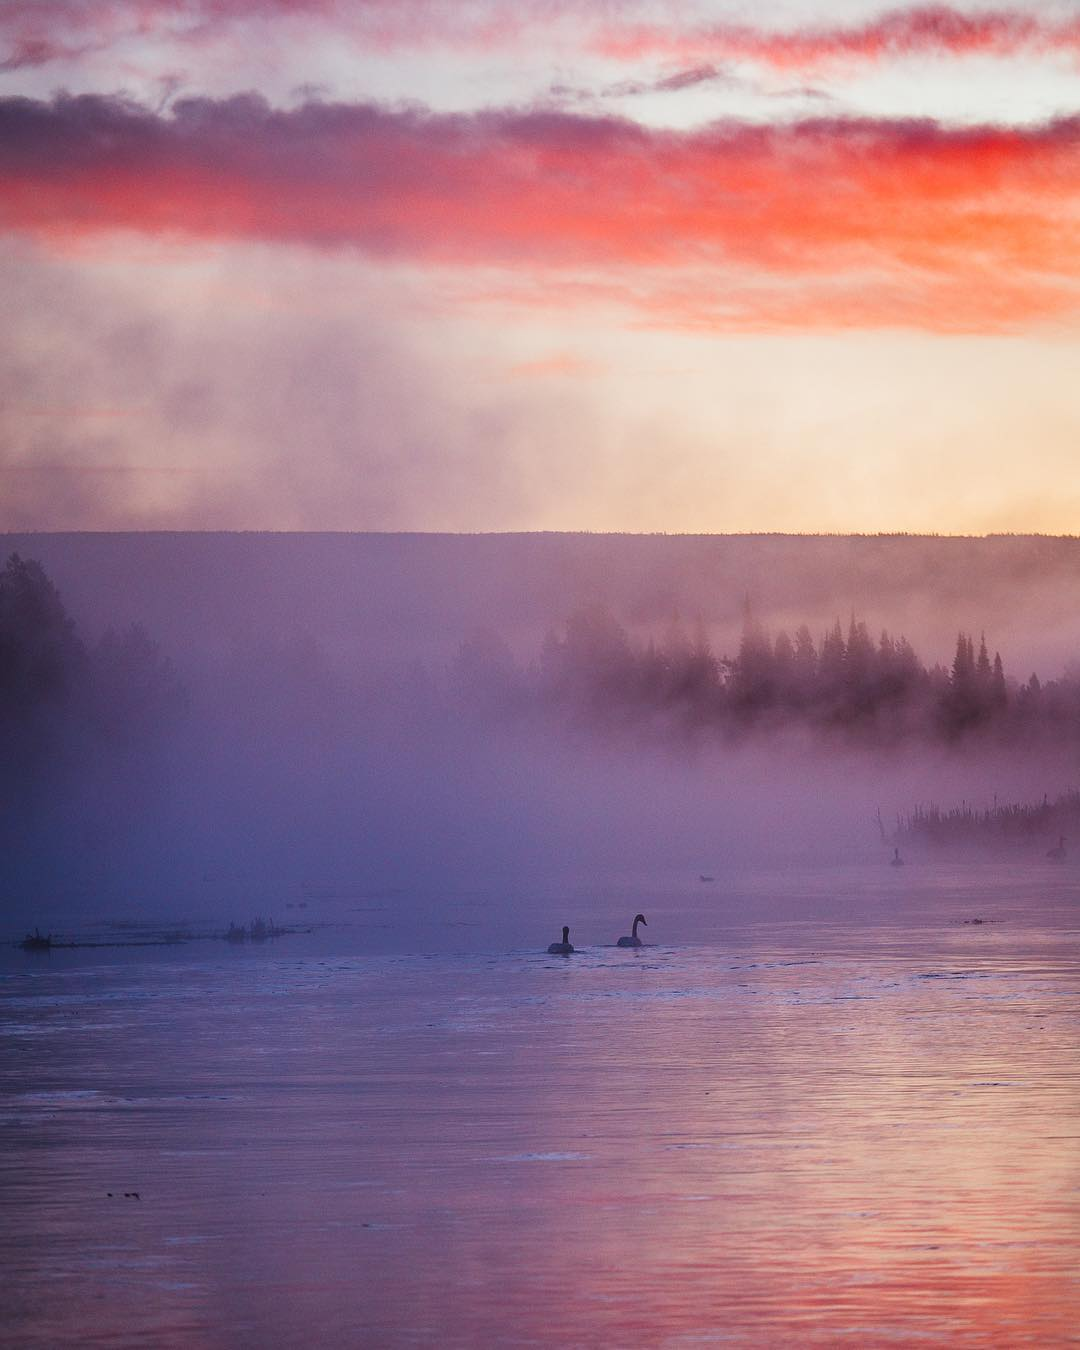 Красота природы на пейзажных снимках Грея Маркса